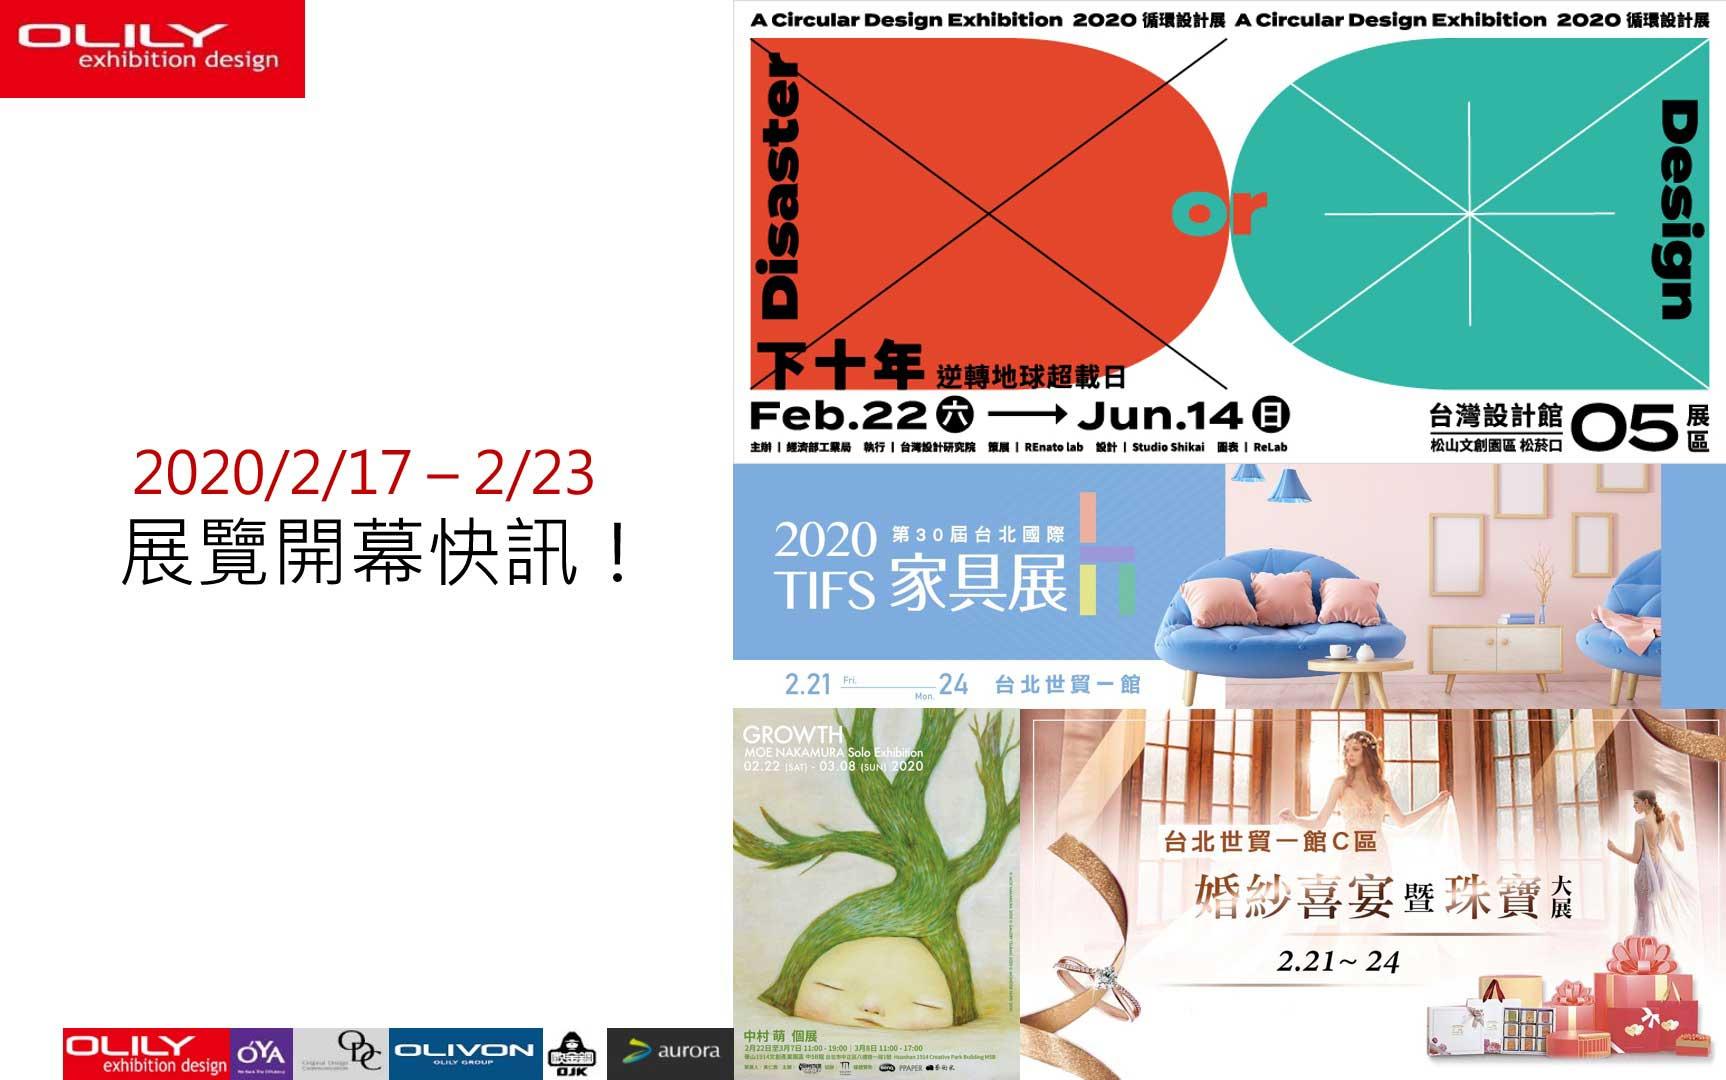 展覽資訊 0217 - 歐也空間展場設計公司提供展覽設計及商業空間設計服務